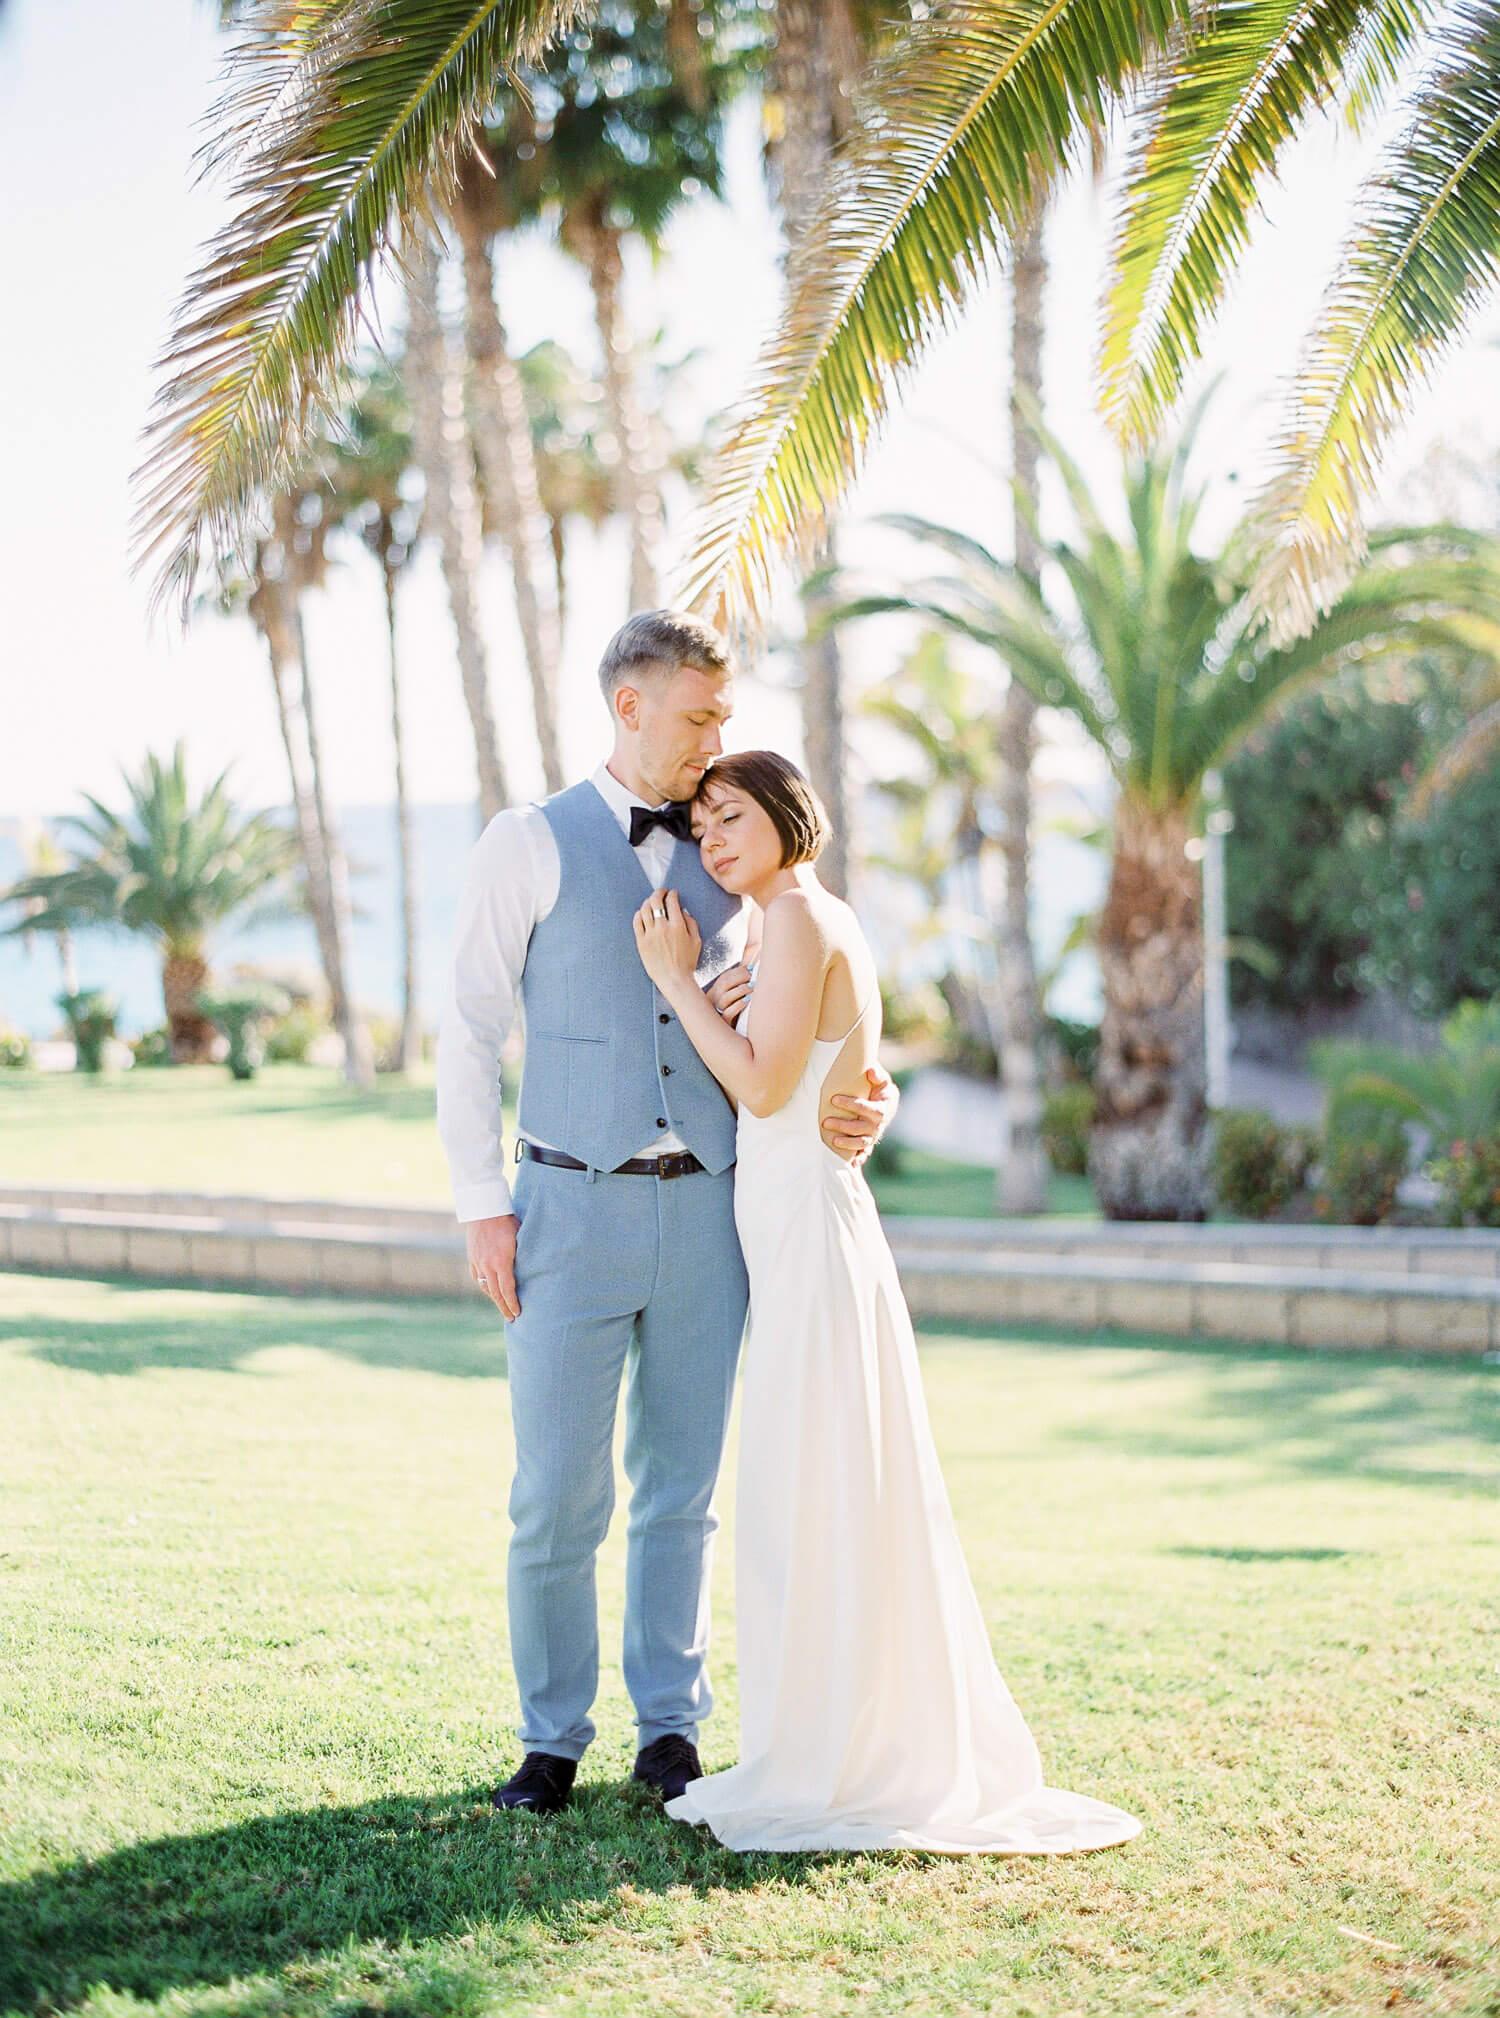 wedding in Tenerife Spain